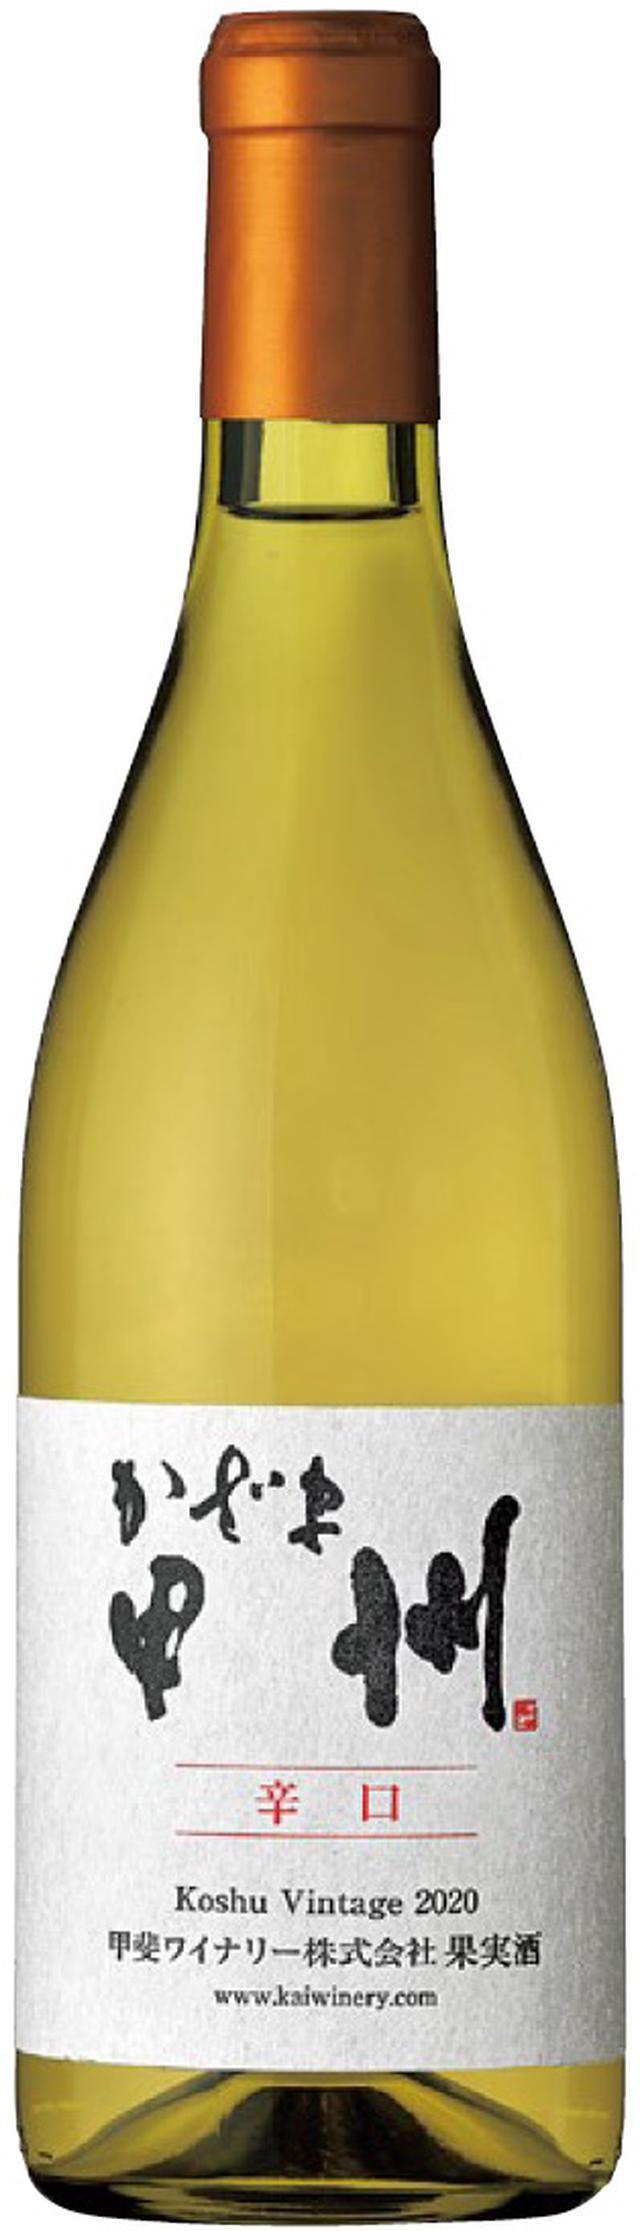 画像1: ワイン王国 2021年7月号/No.123 お勧め5ツ星の買える店(1000円台で見つけた和食に合う白ワイン)